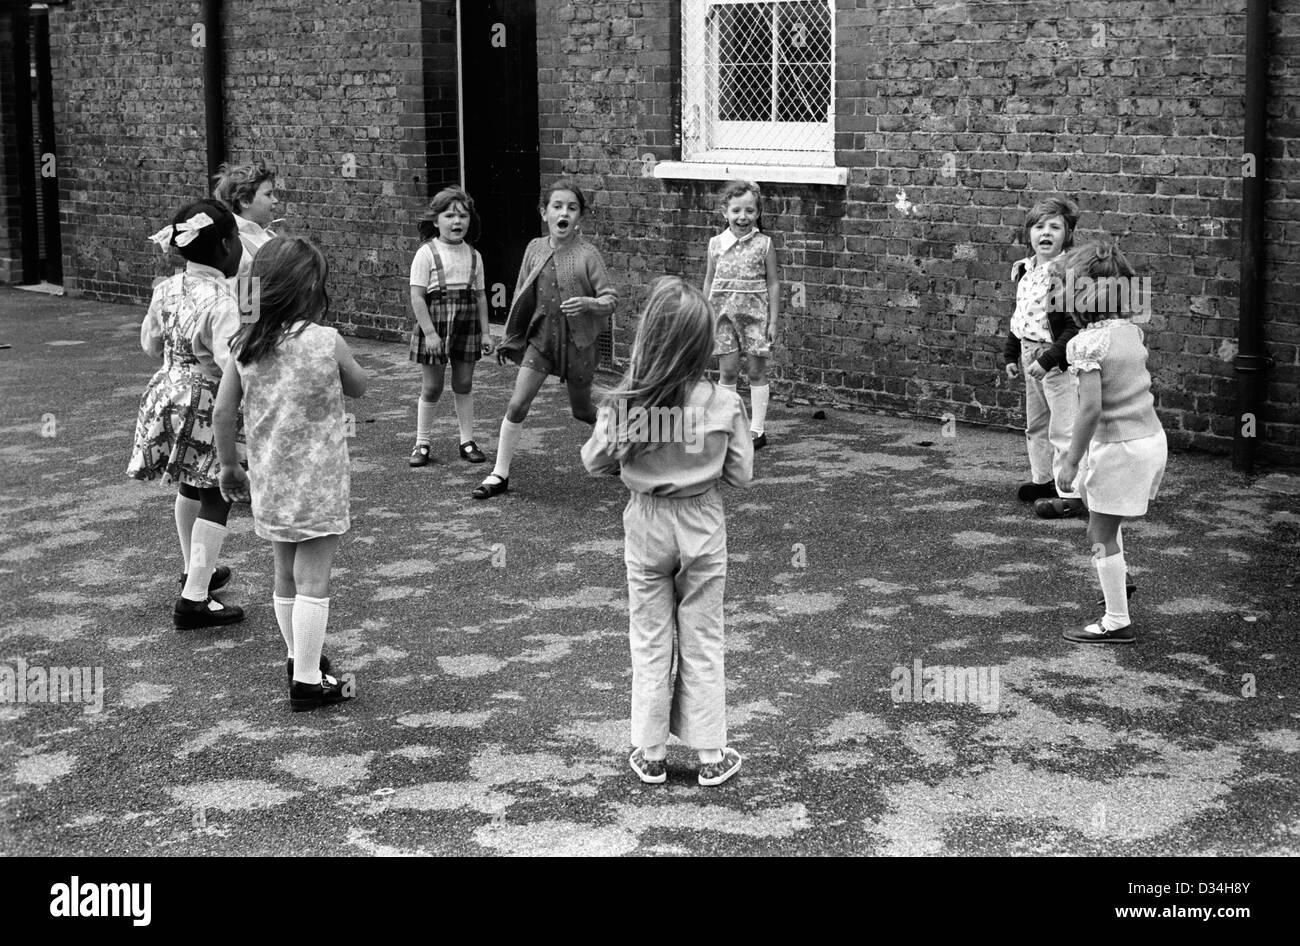 Scholl primaire aire de jeux. Les filles jouant ensemble. Le sud de Londres. 1970 La Grande-Bretagne. Mes ref 23a/1036/ Photo Stock